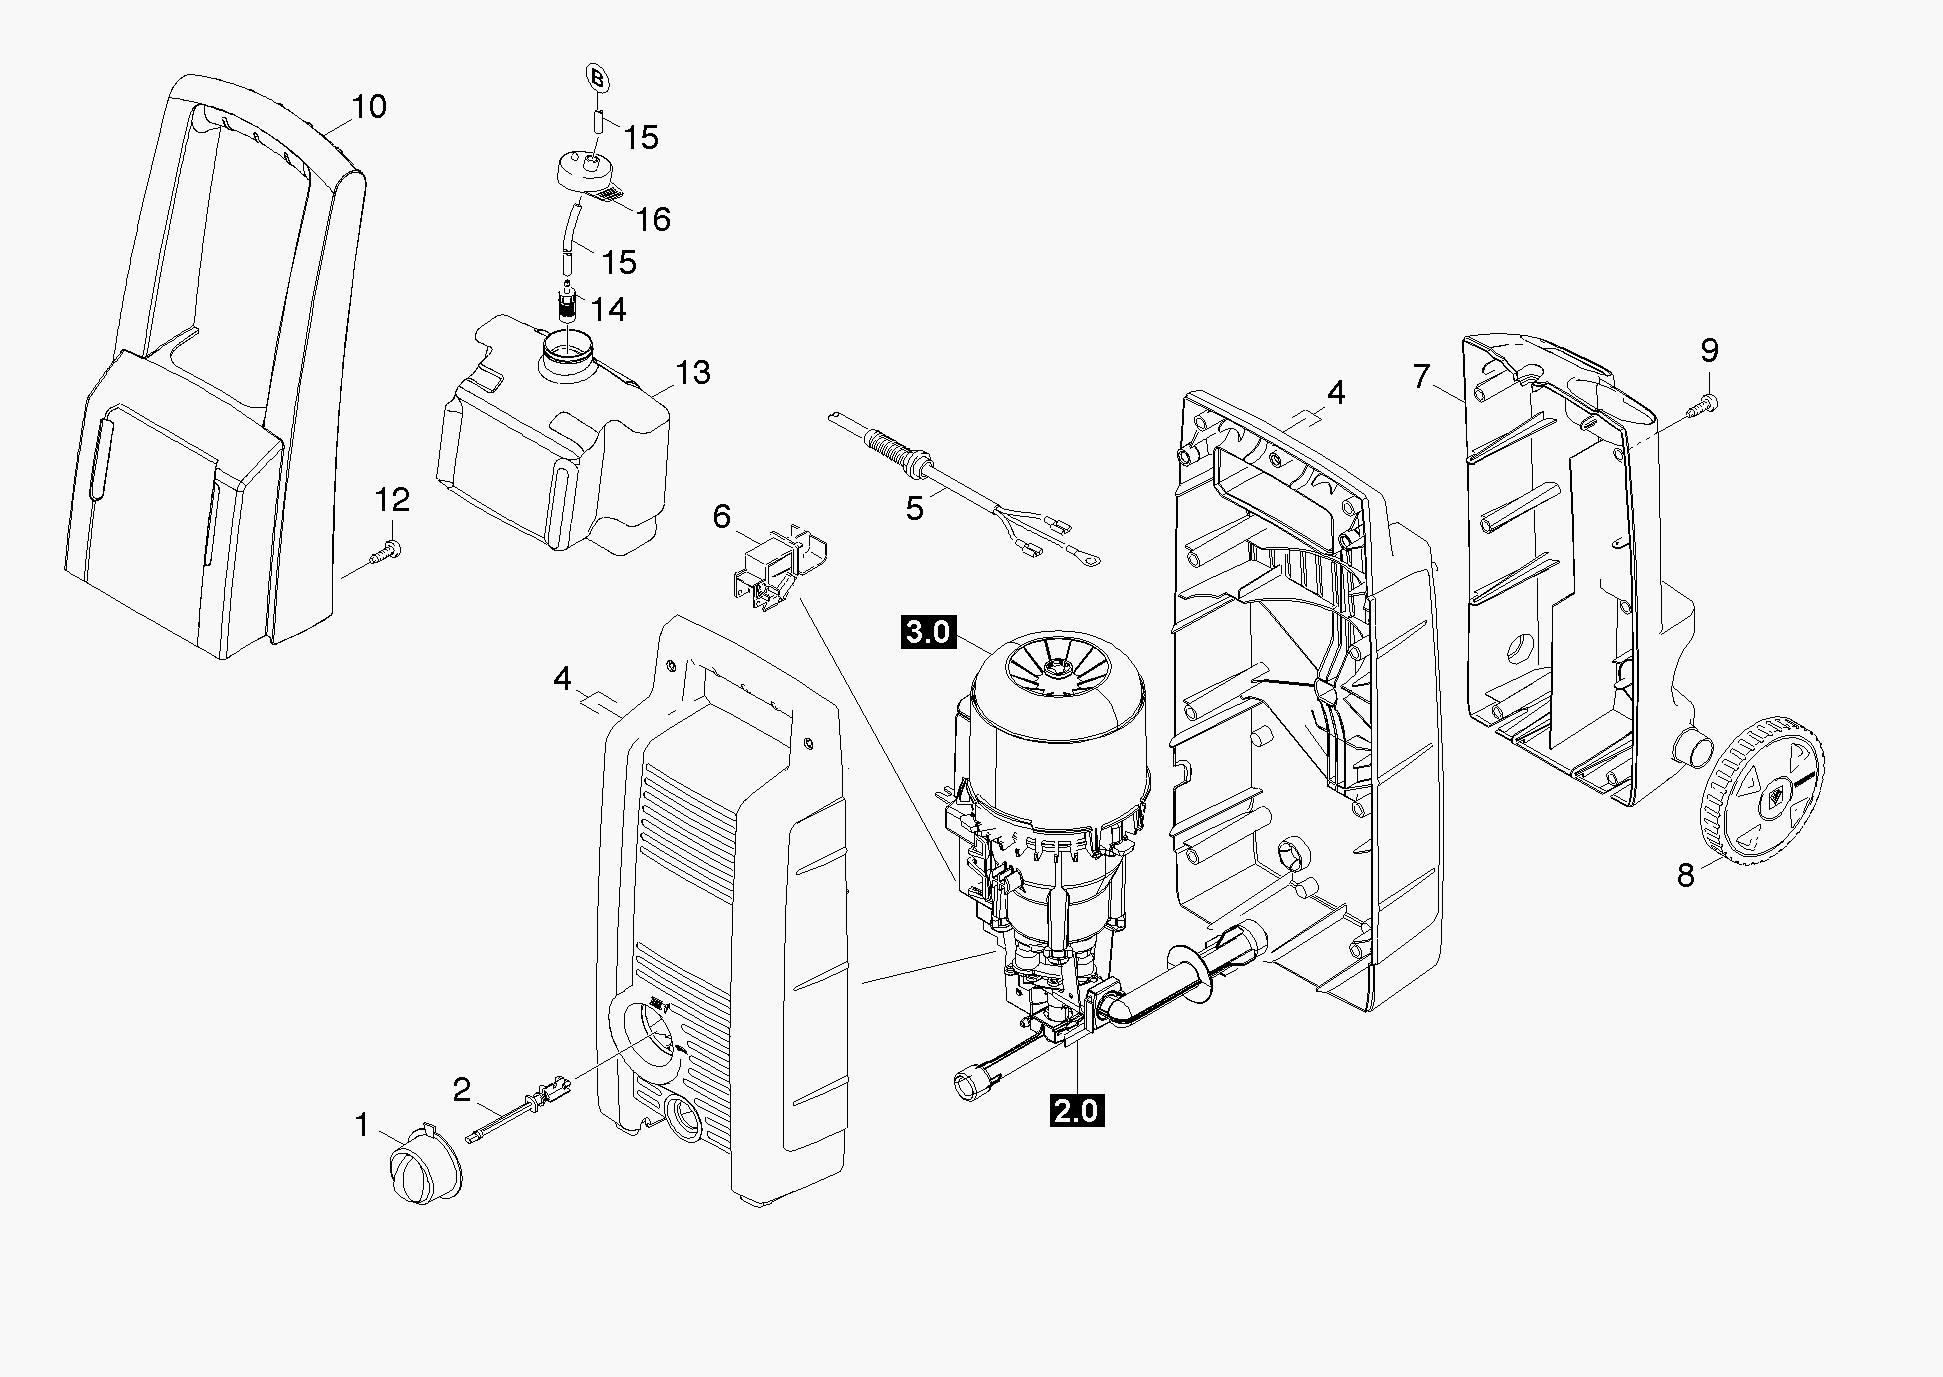 Karcher K2 Spare Parts Diagram